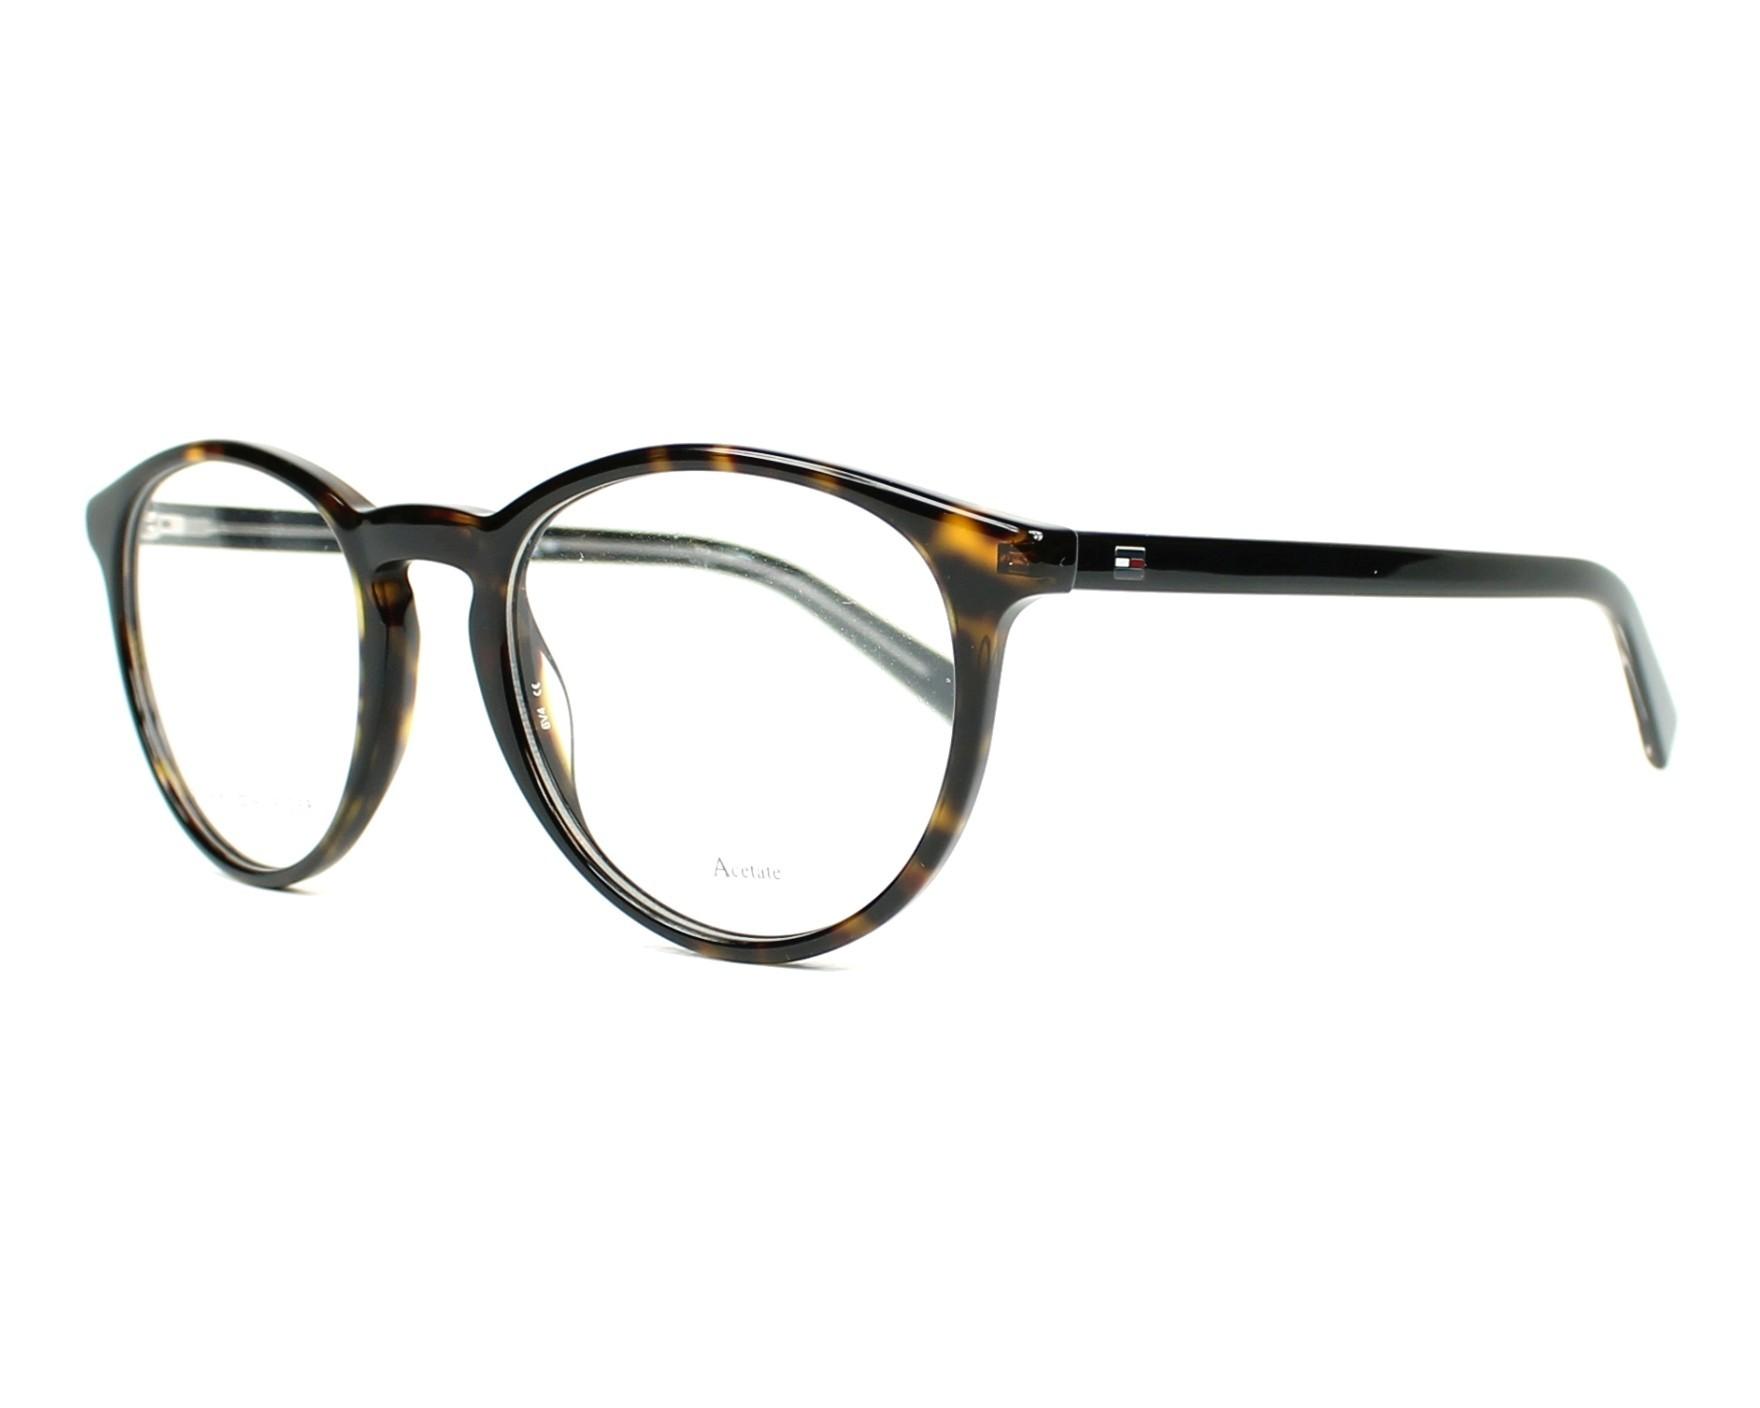 lunettes de vue tommy hilfiger th 1451 9wz havane. Black Bedroom Furniture Sets. Home Design Ideas